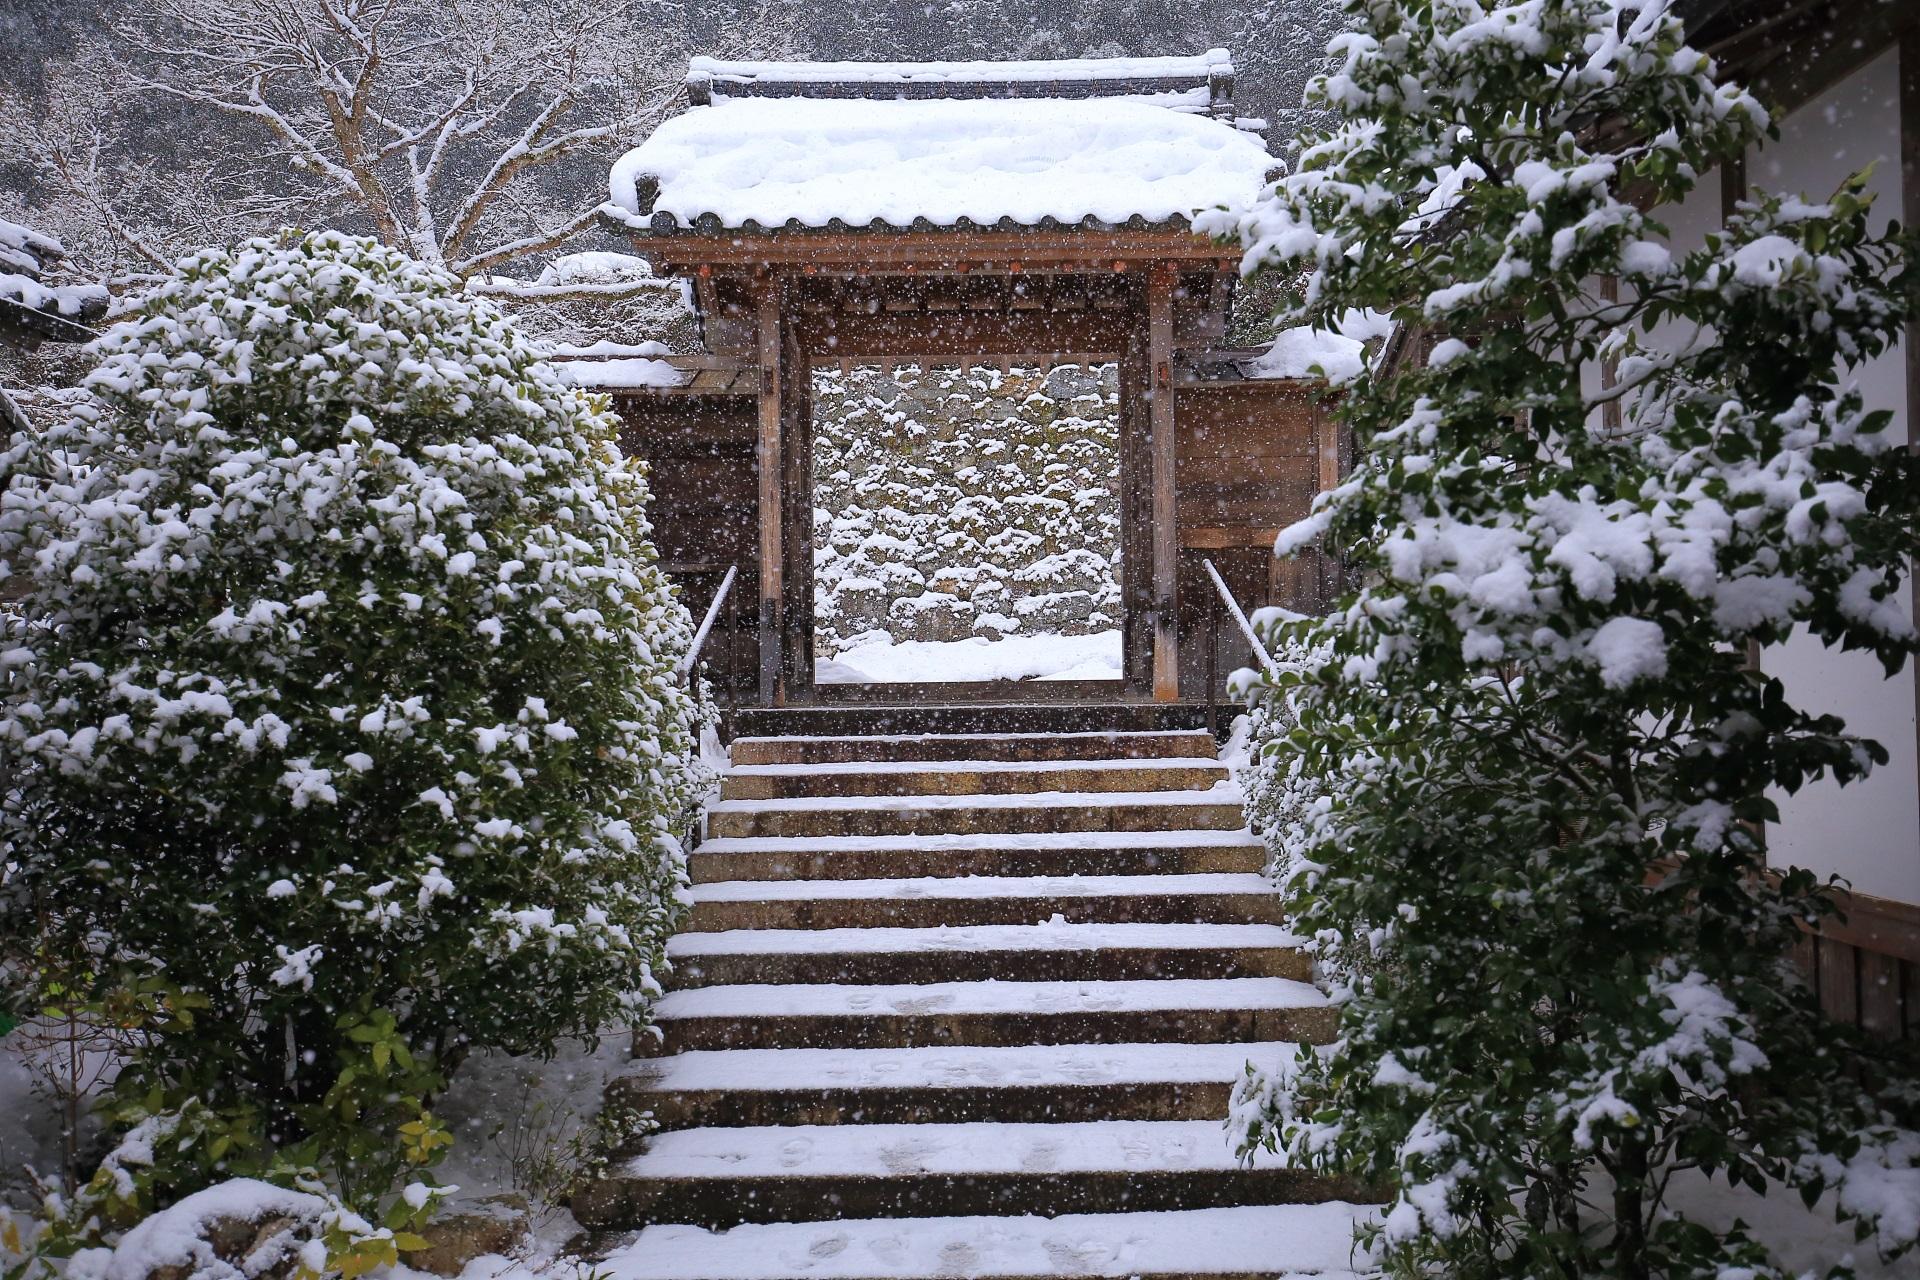 内から眺めた実光院の山門と雪